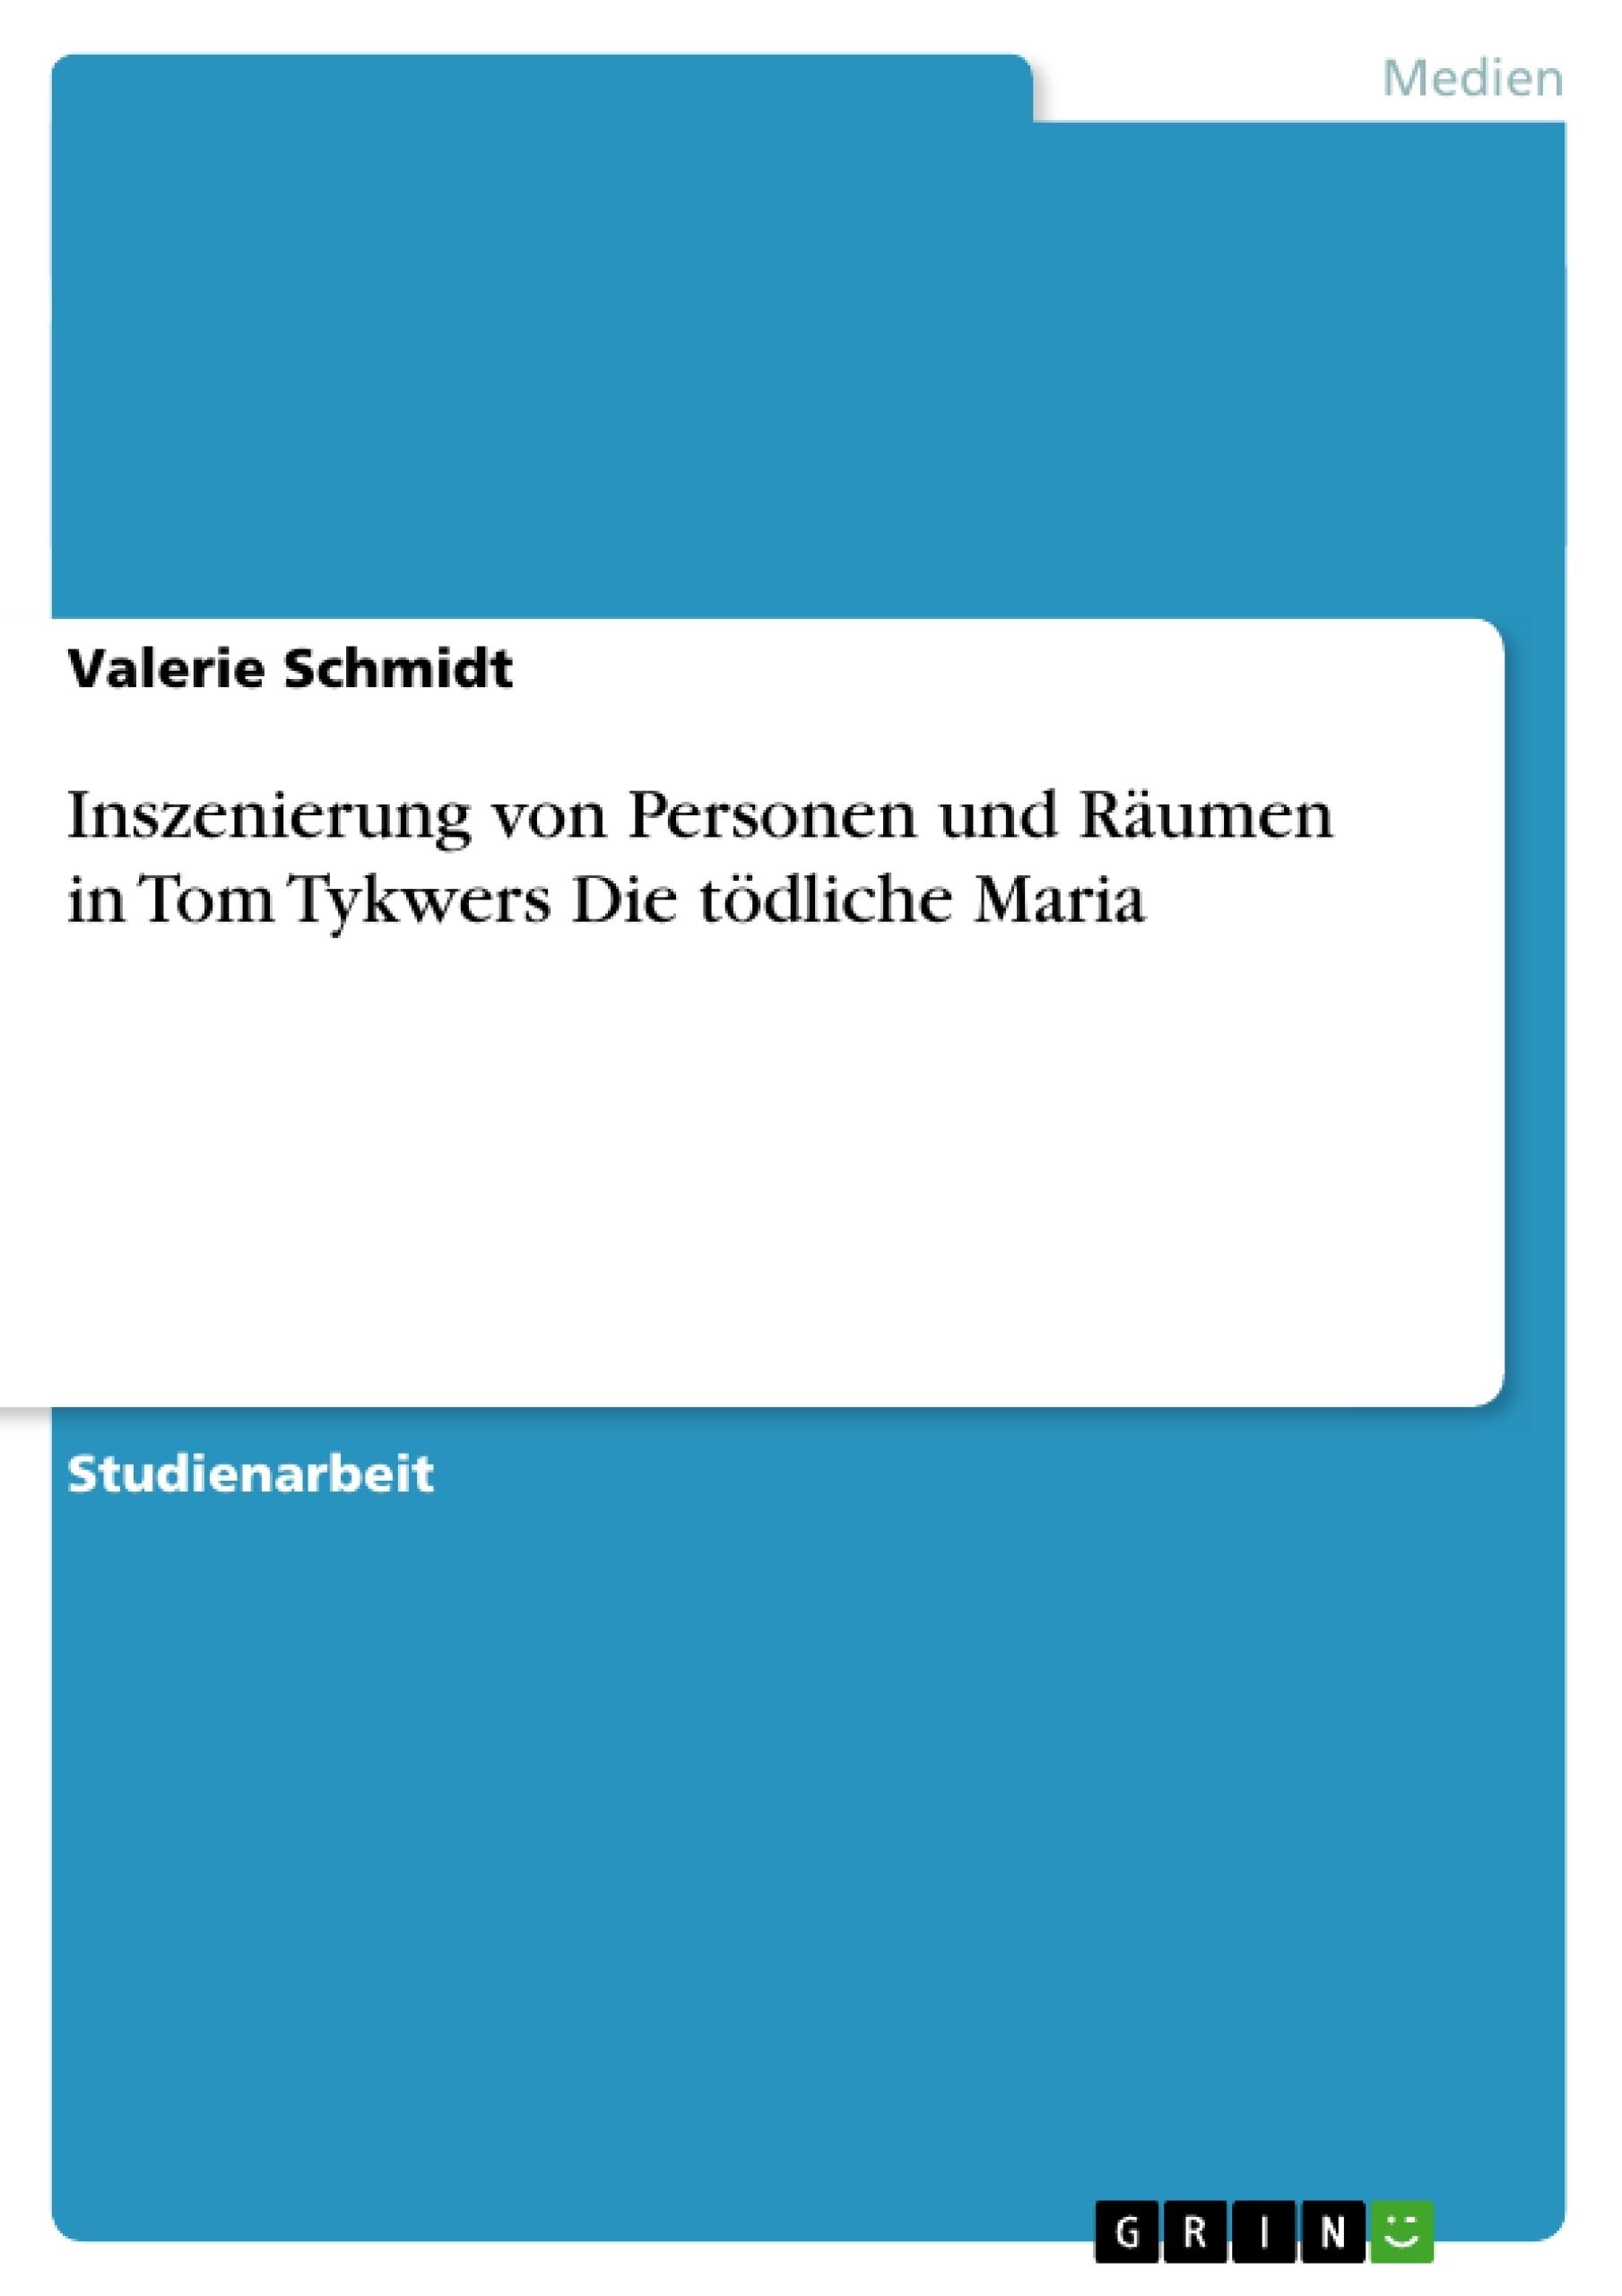 Titel: Inszenierung von Personen und Räumen in Tom Tykwers Die tödliche Maria